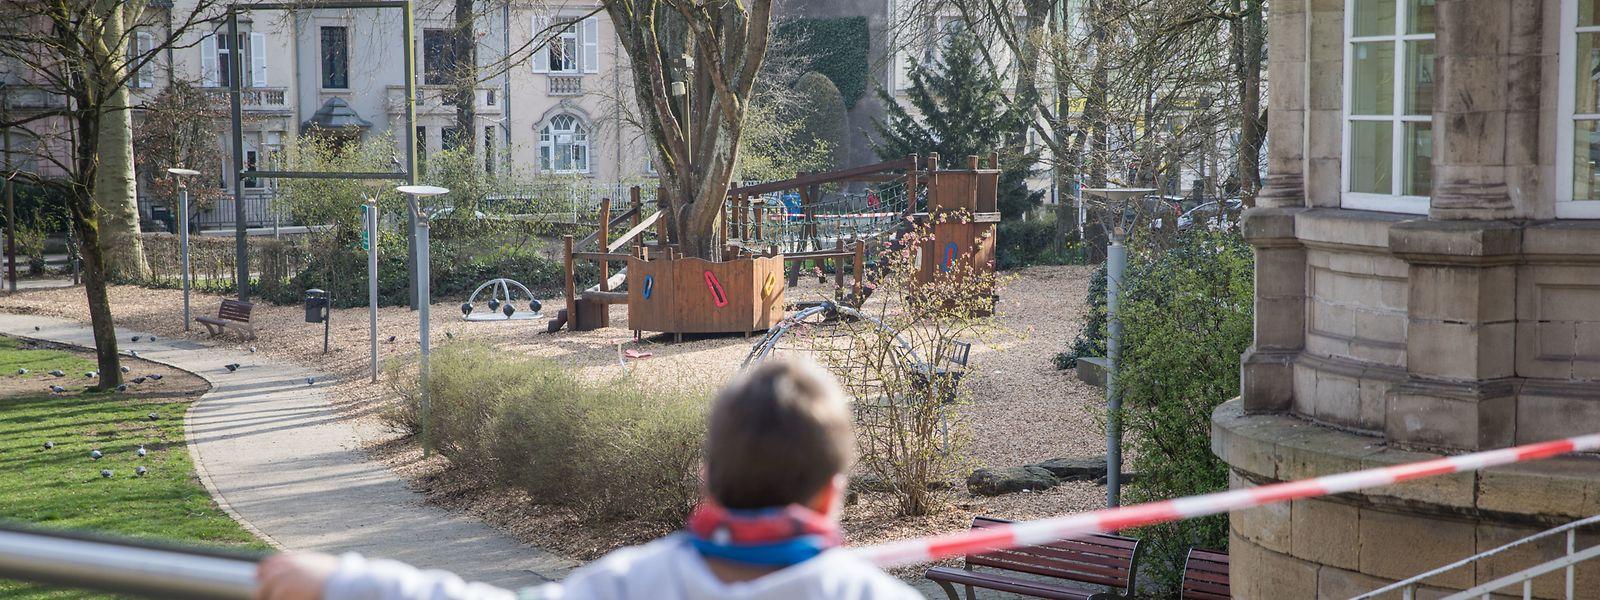 Eine Petition fordert die Wiedereröffnung der Spielplätze für Kinder.